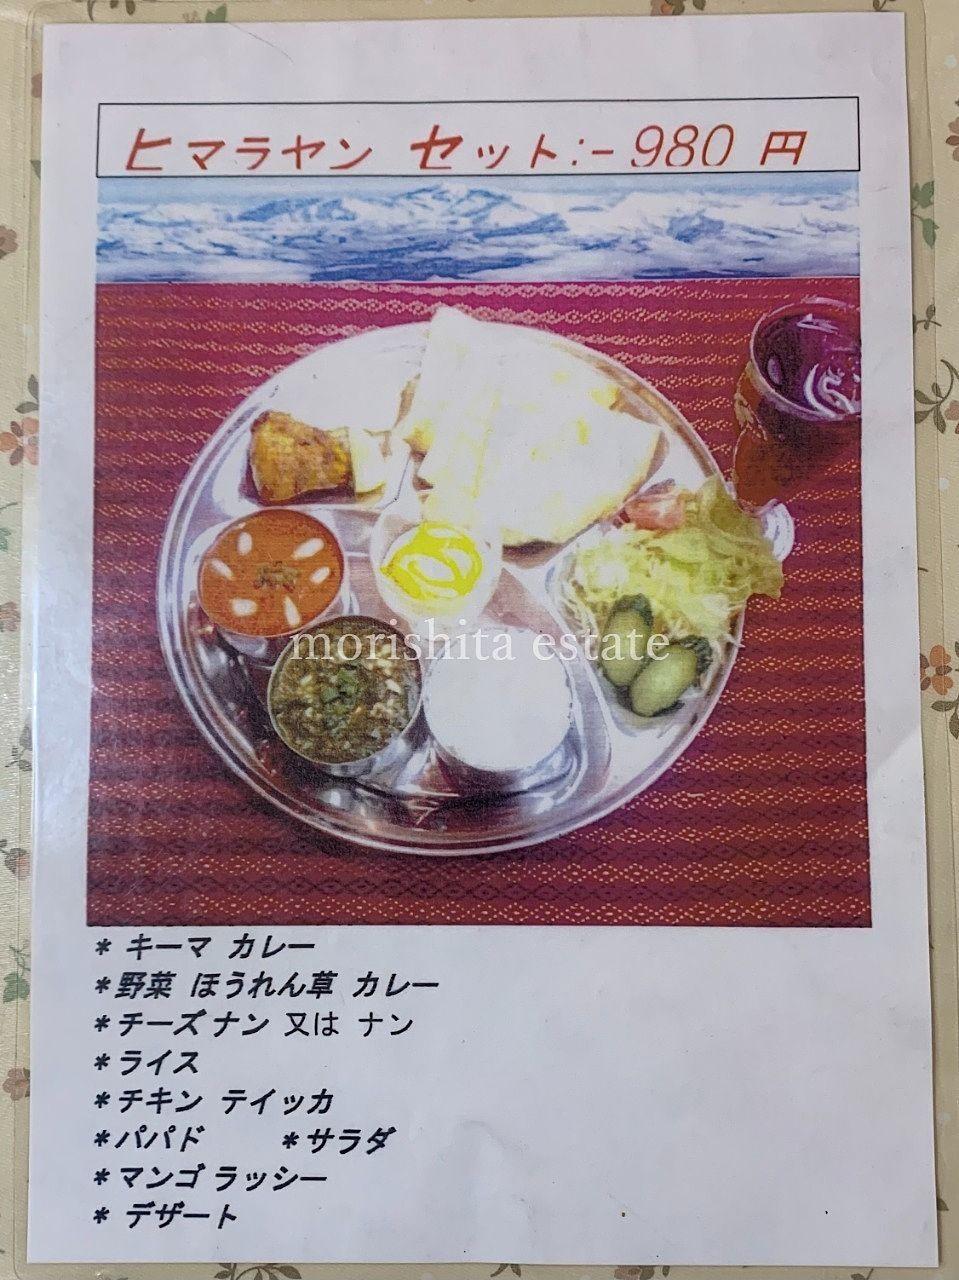 森下 カレー インド料理 ギータ ランチ テイクアウト 写真